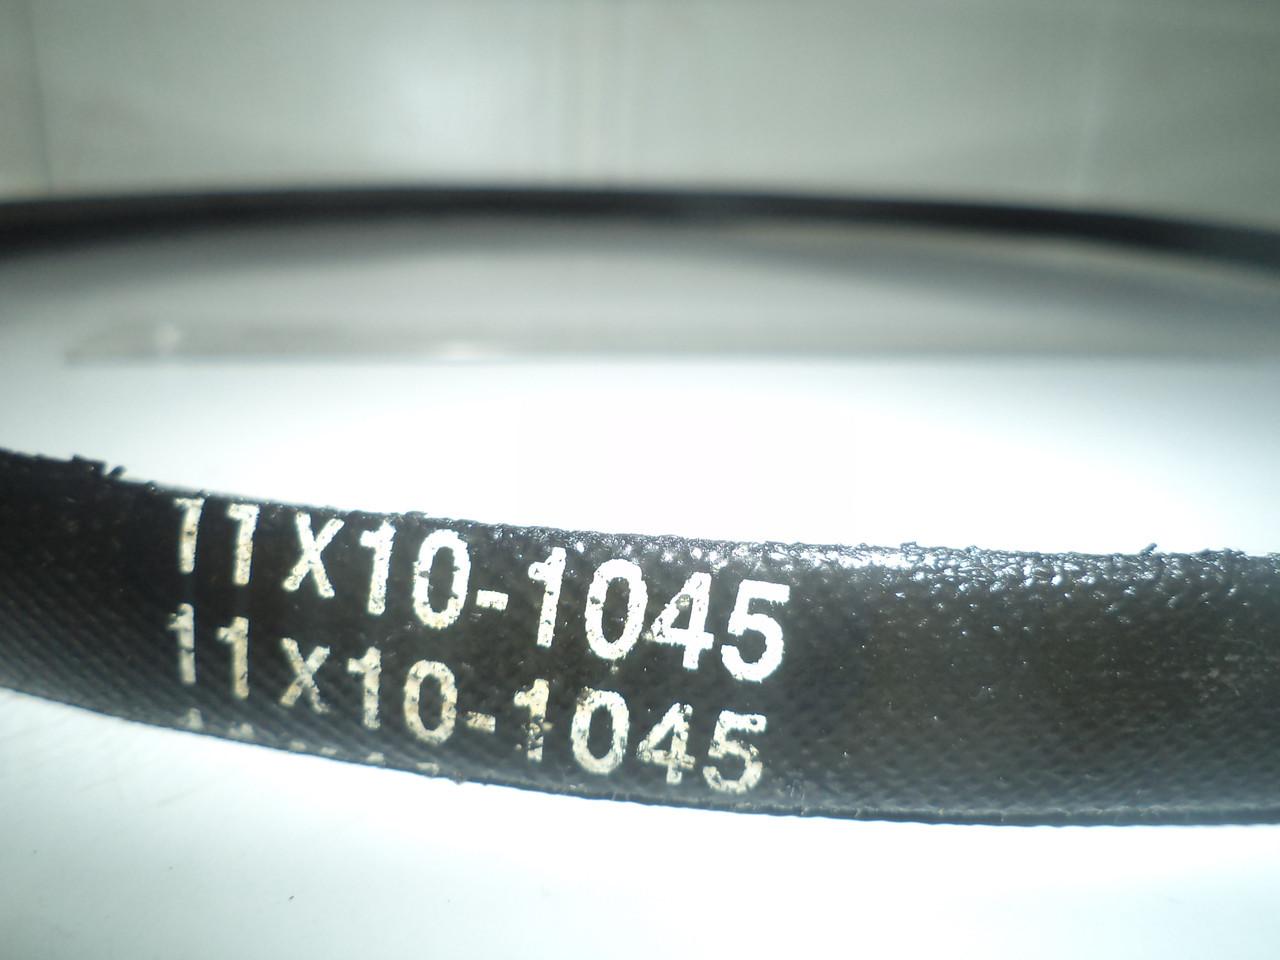 Ремінь ГАЗ 53, КРАЗ, БЕЛАЗ (вир-во ЯРТ) 11х10-1045